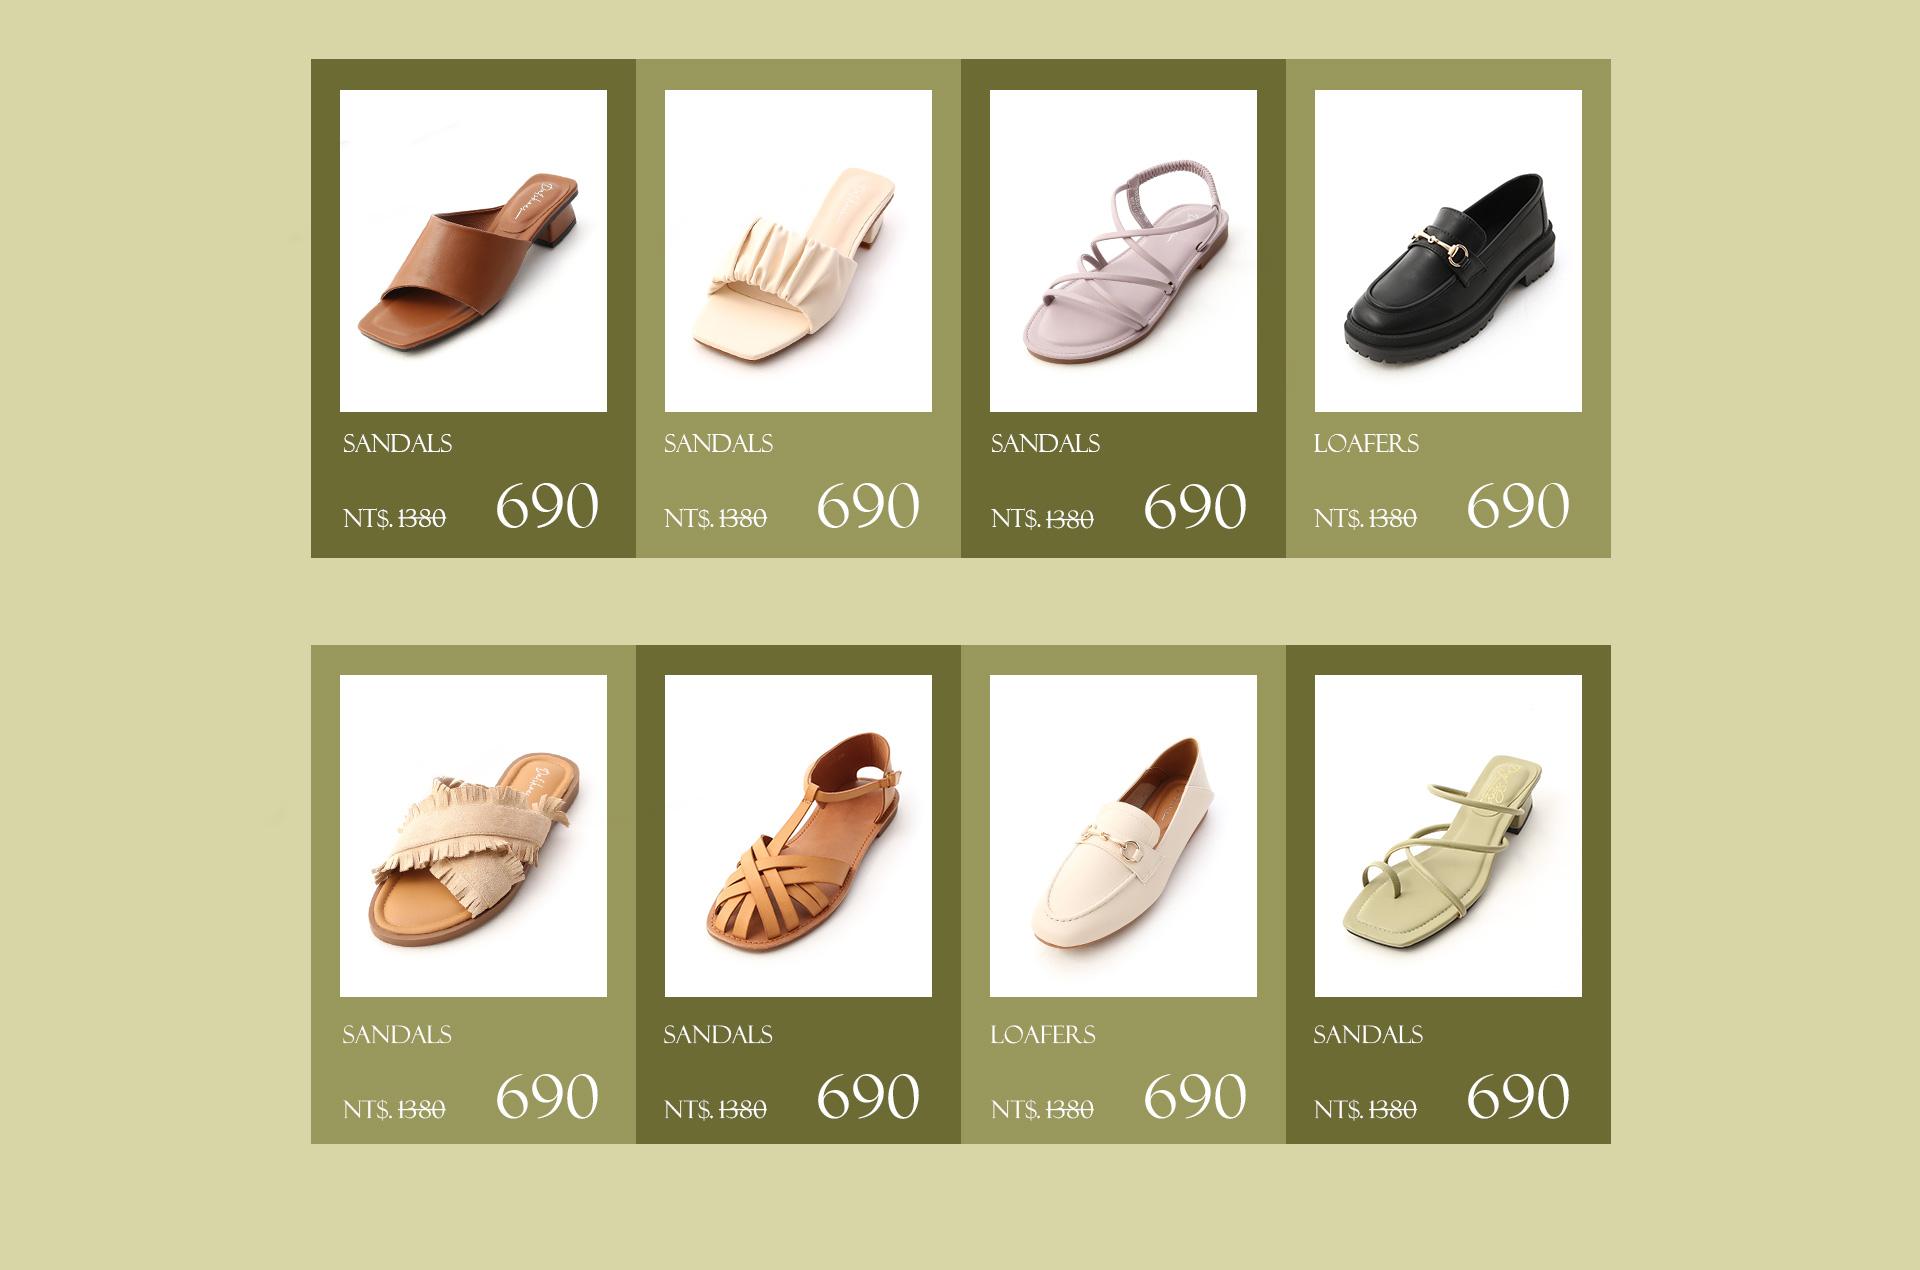 全館5折起 50%OFF 涼鞋 穆勒鞋 樂福鞋 拖鞋 各式女鞋